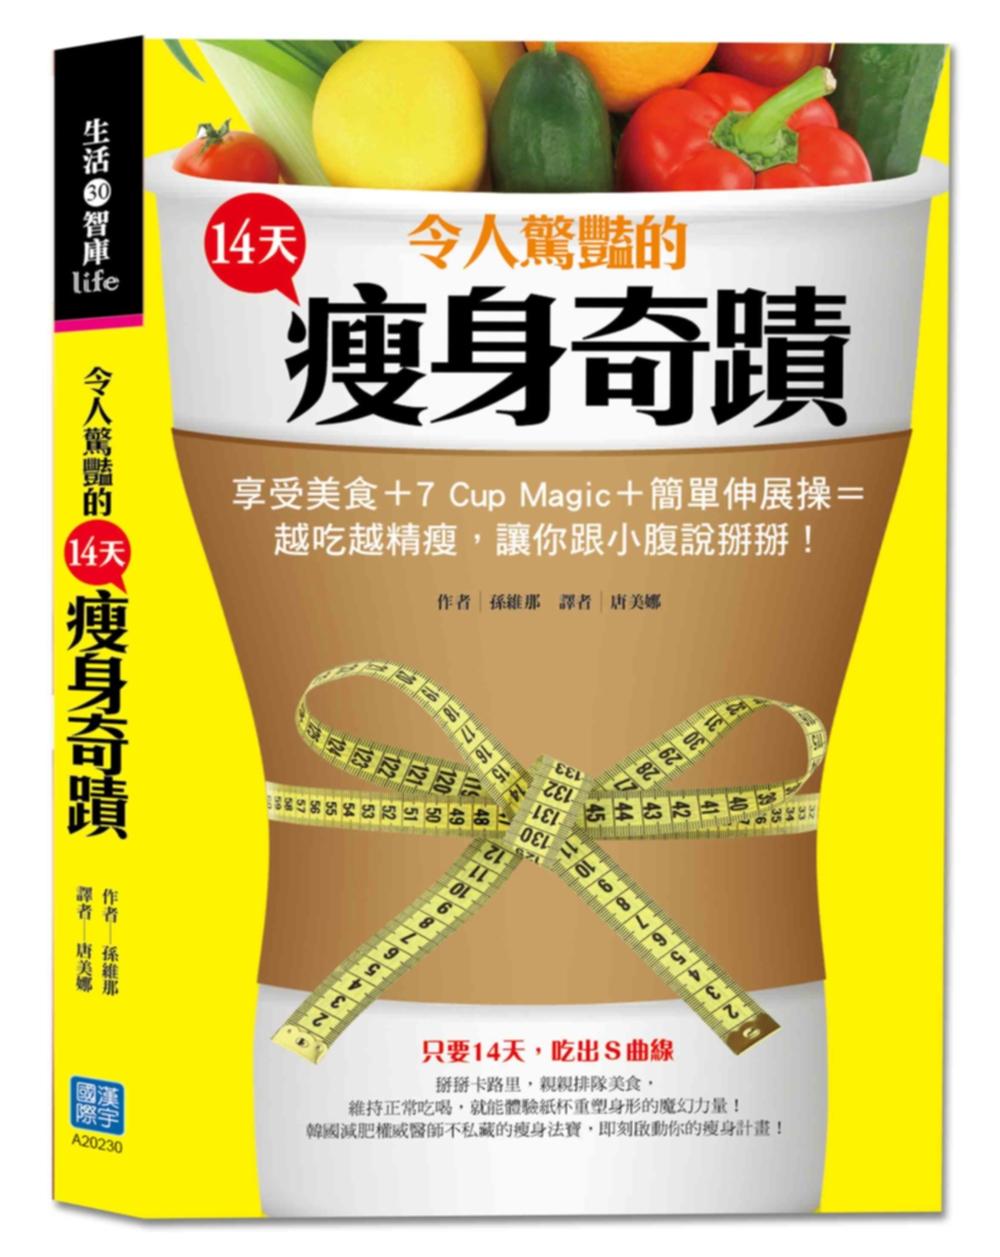 令人驚豔的14天瘦身奇蹟:享受美食 7 Cup Magic 簡單伸展操 越吃越精瘦,讓你跟